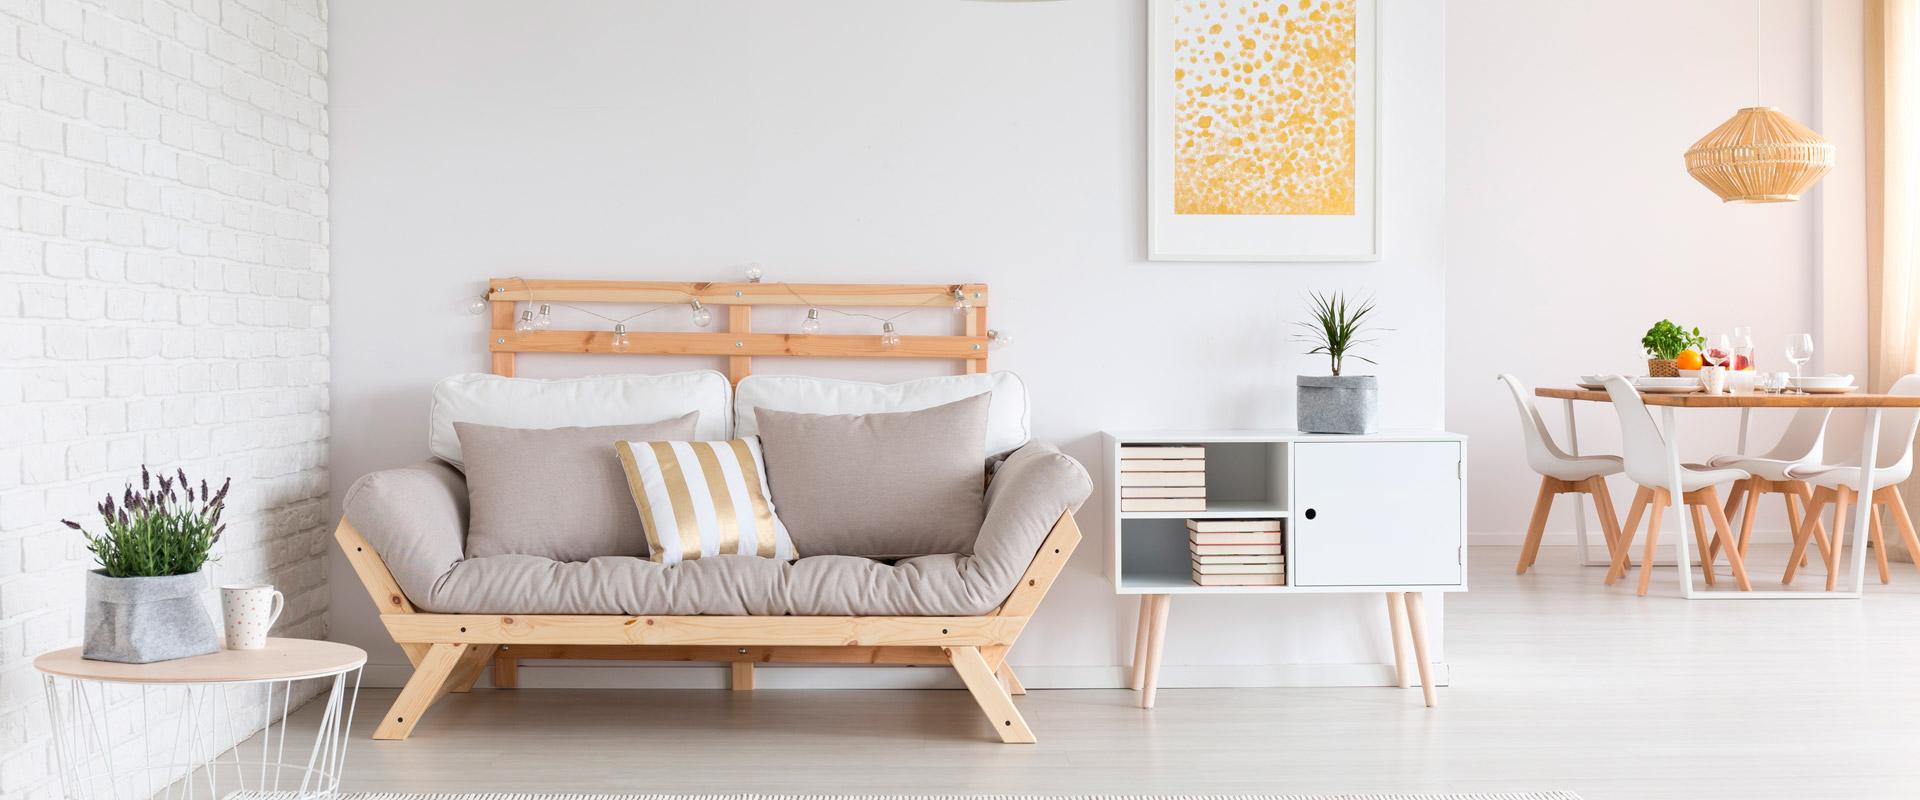 Dicas de decoração para melhorar o conforto